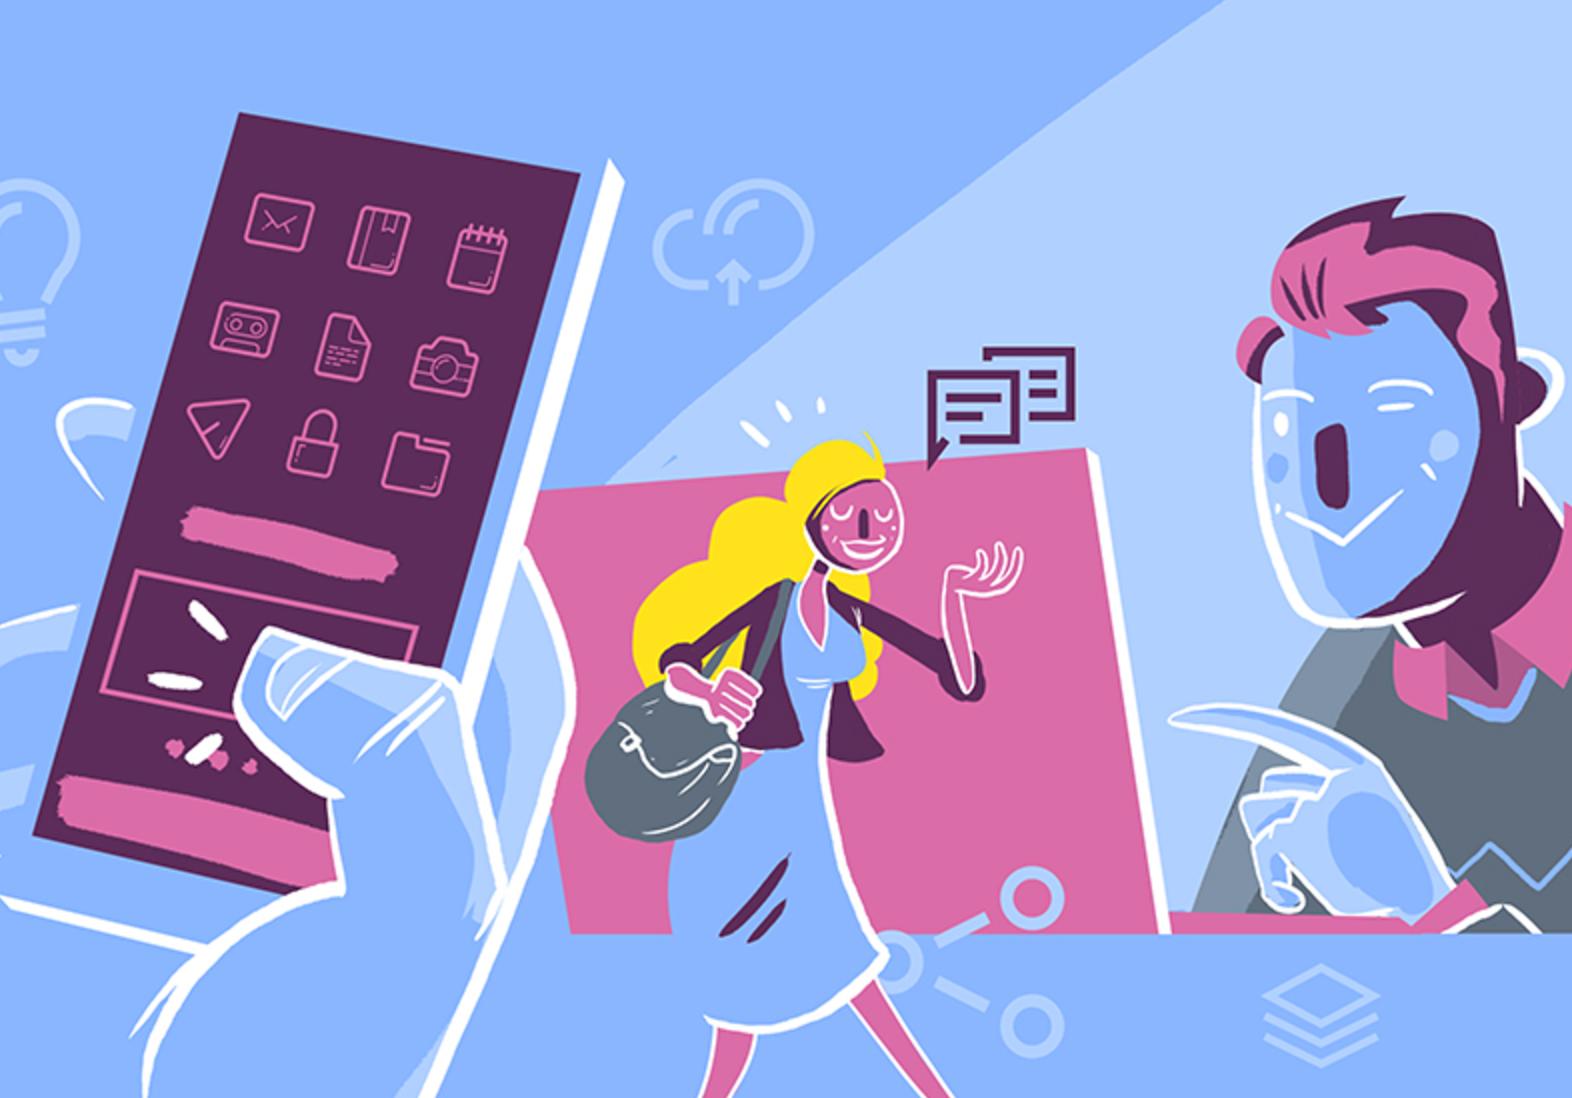 Tendências digitais que mudam os negócios